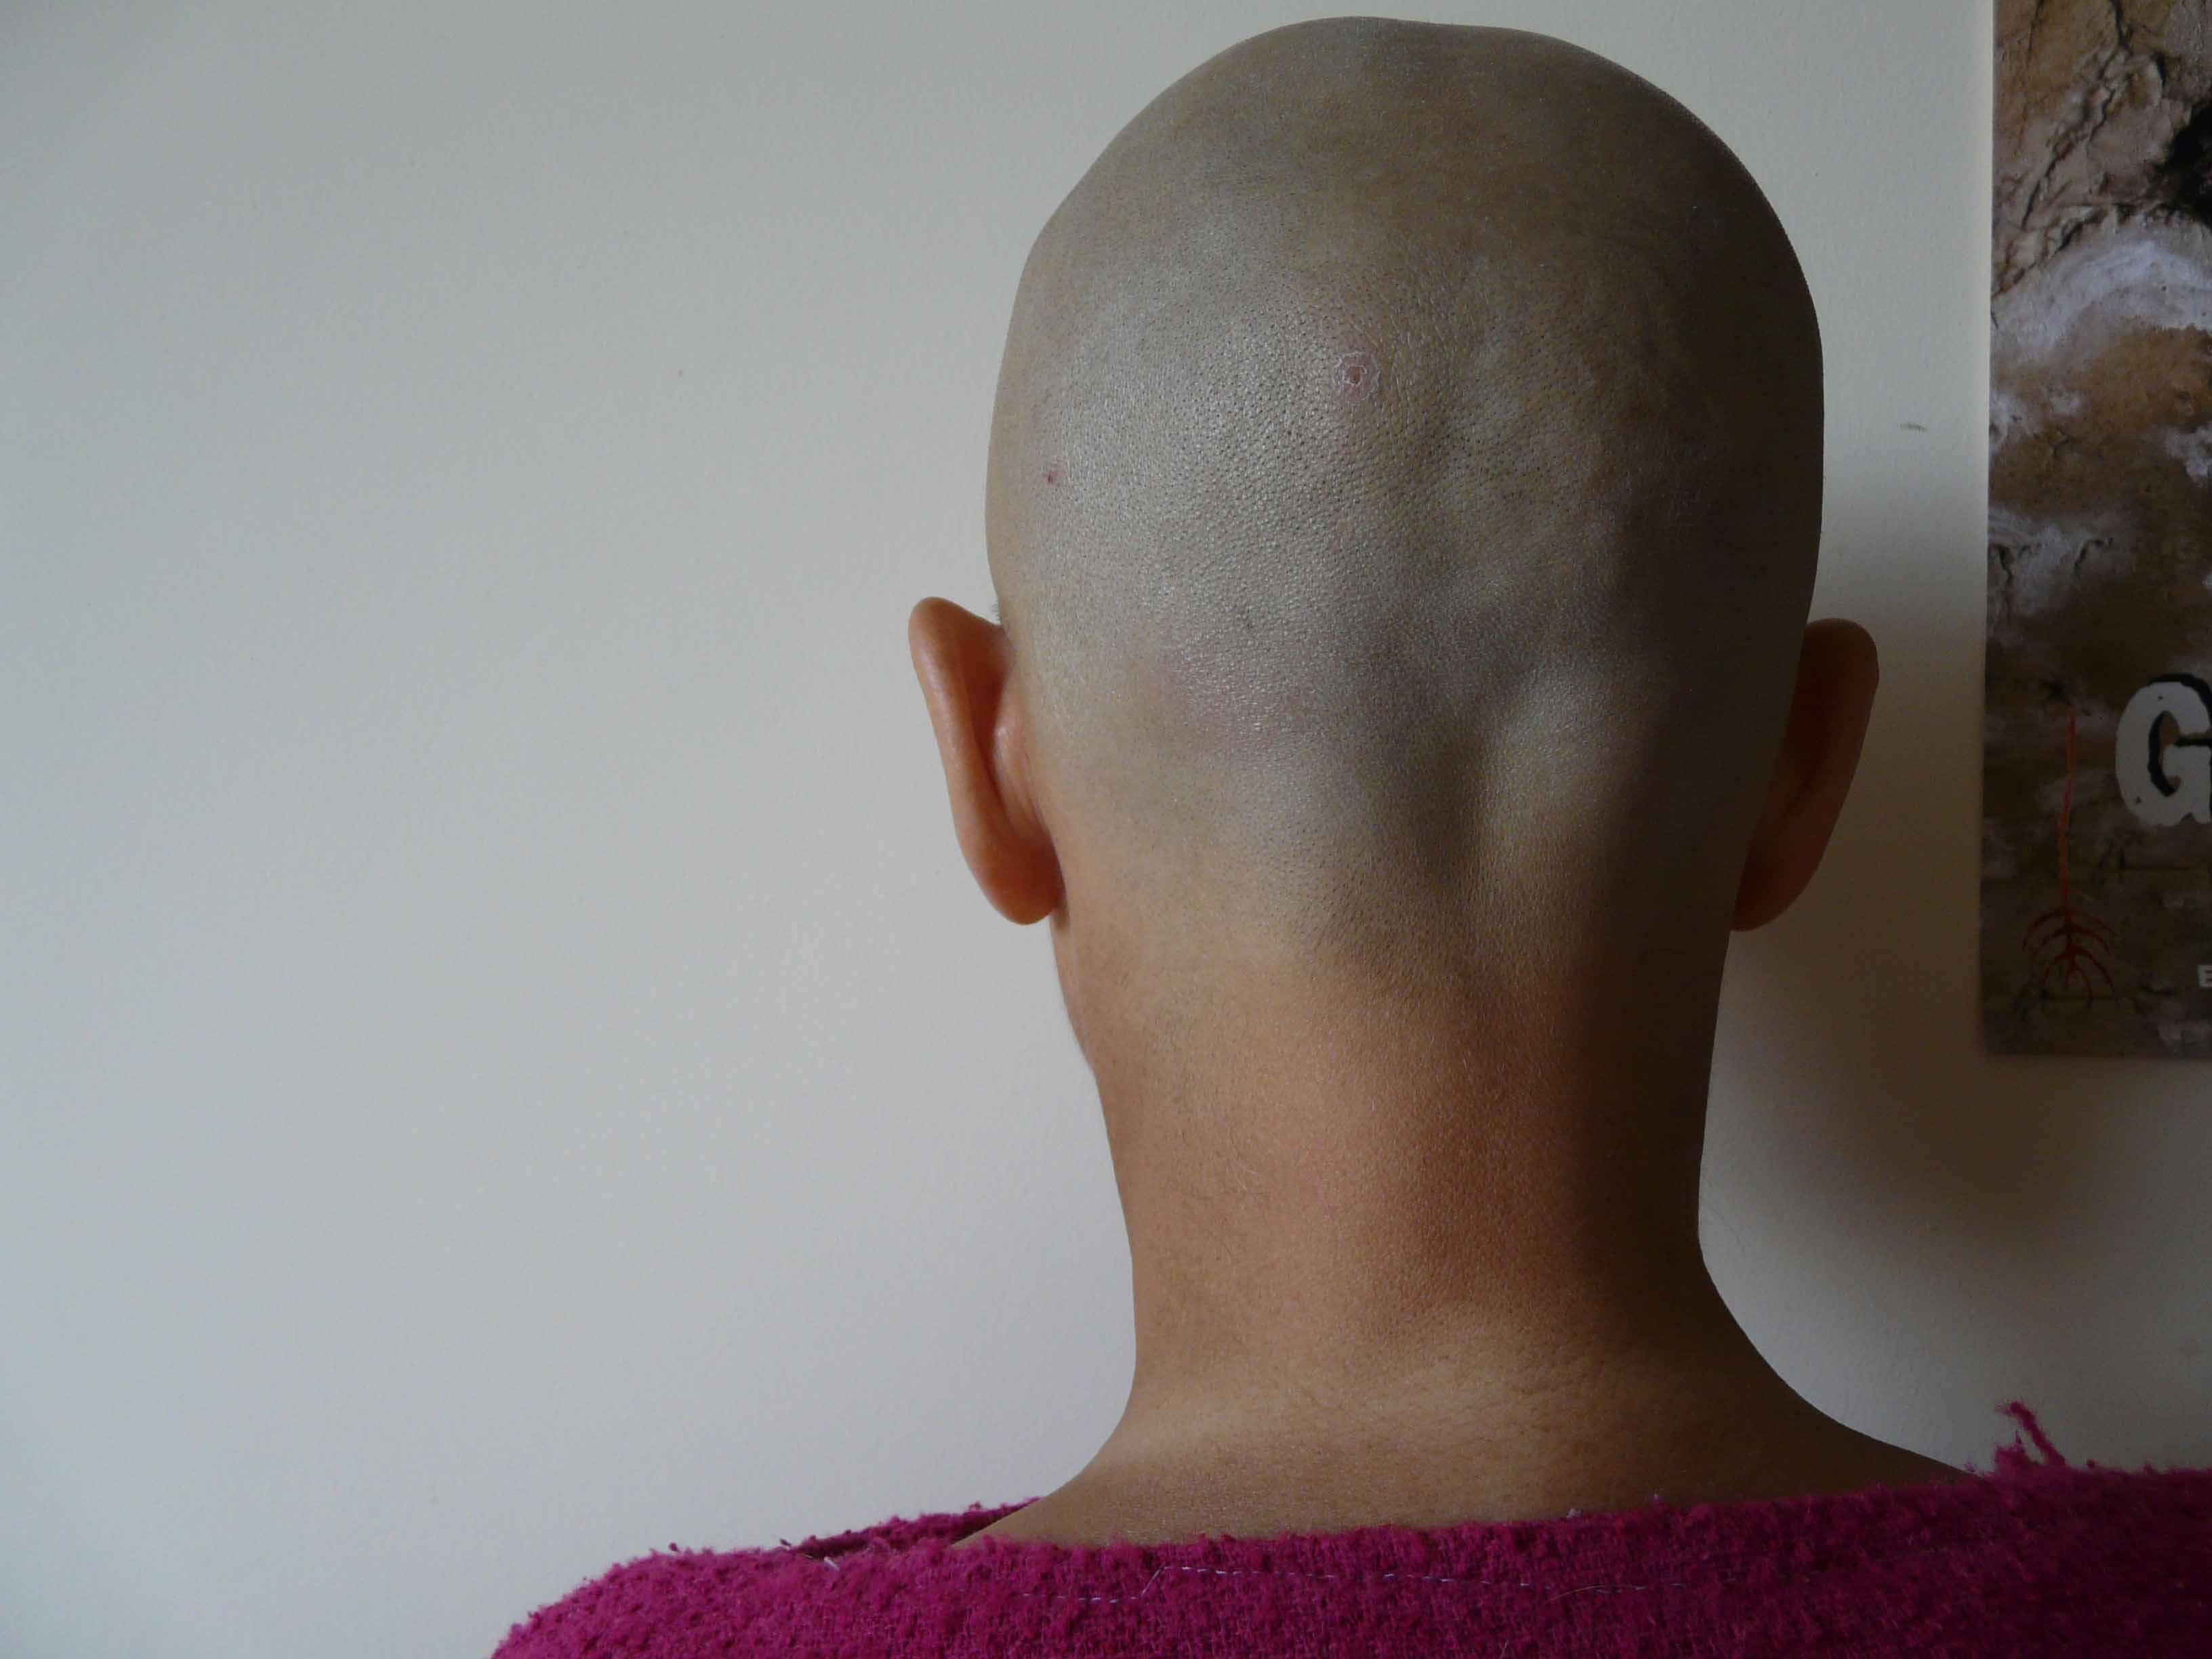 официальному обменному два симметричных шарика на голове сзади онлайн-тесты